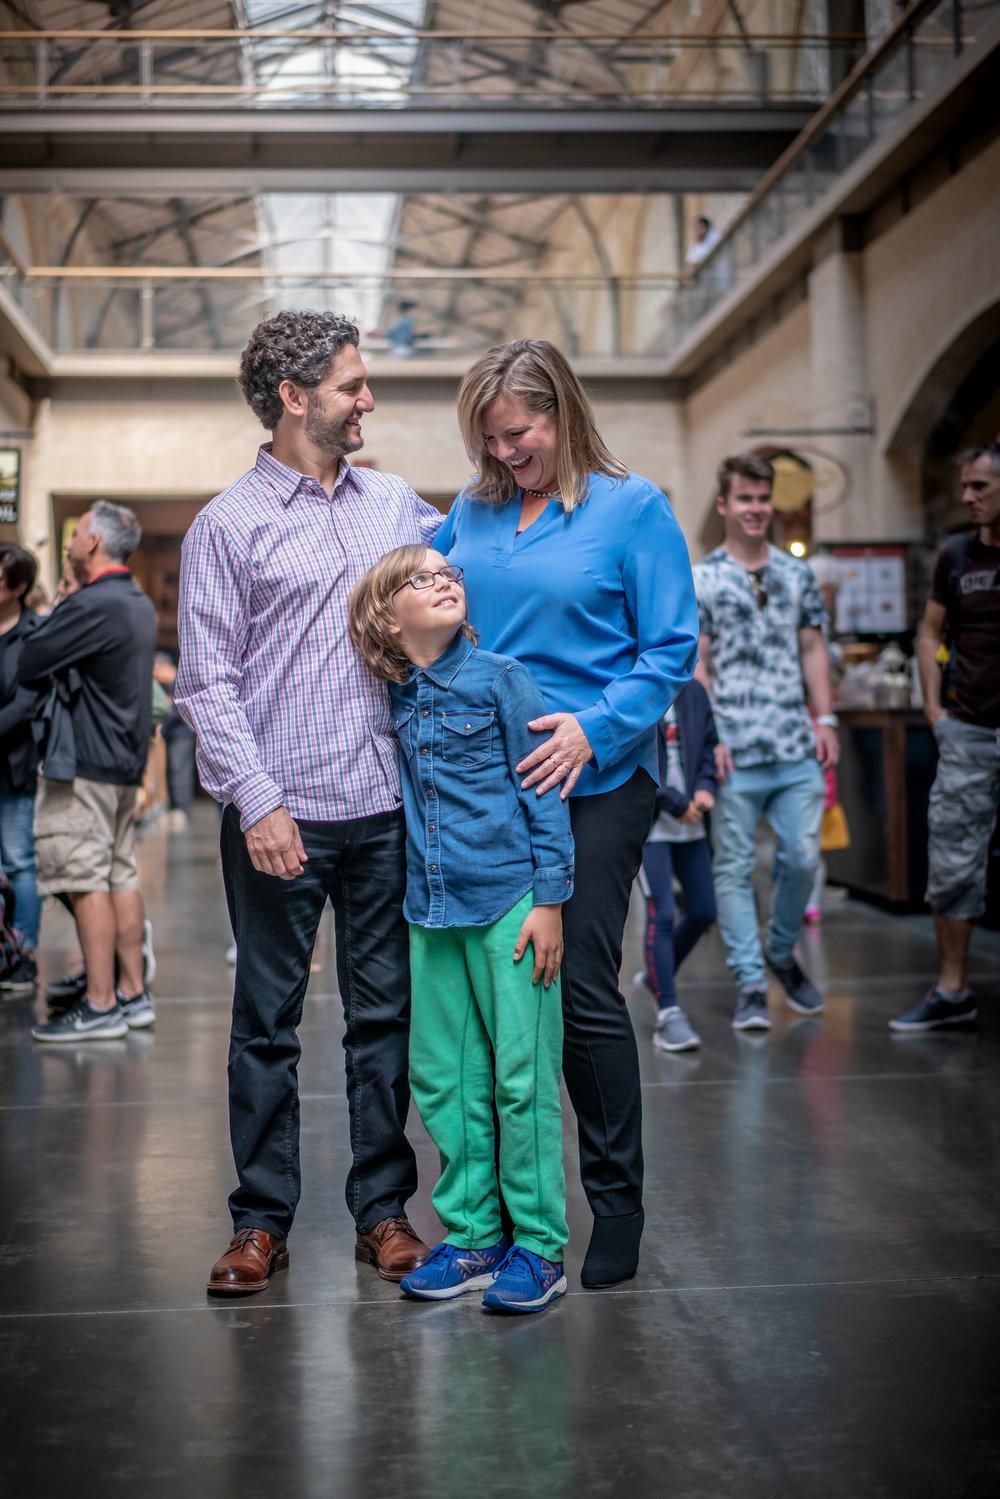 Melanie-Nutter-BART-family.jpg